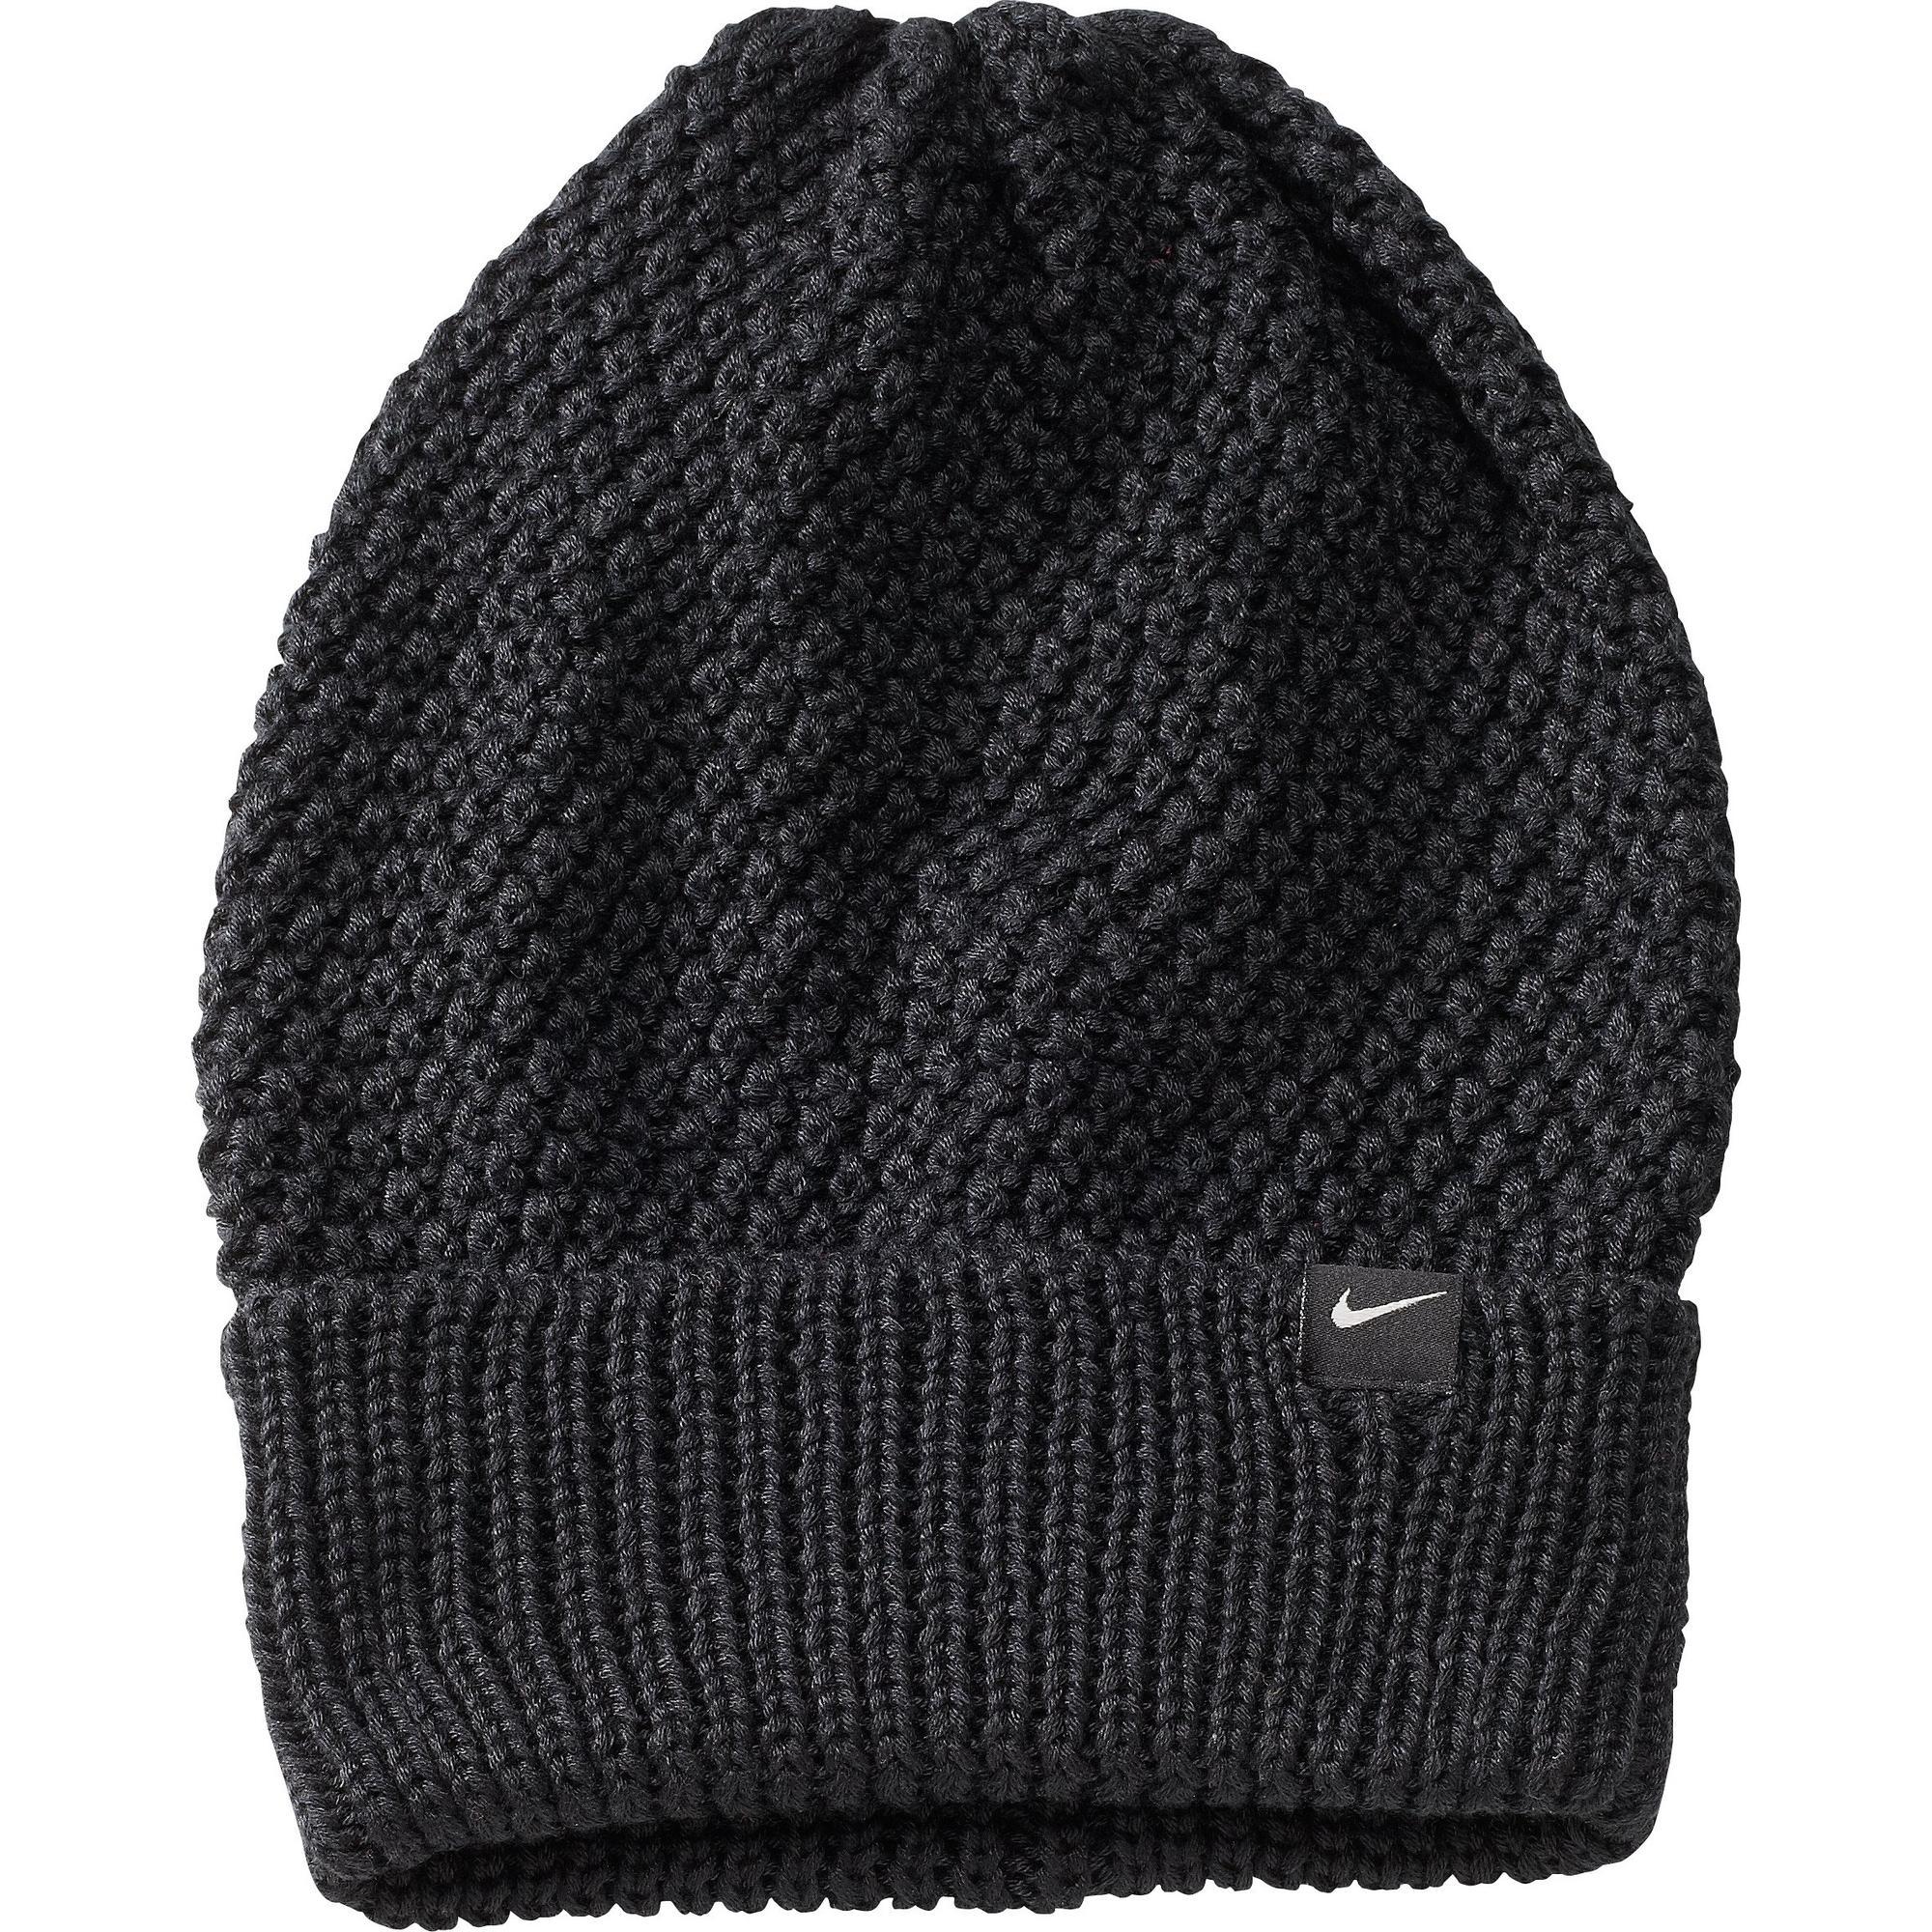 Women's Cuff Knit Hat